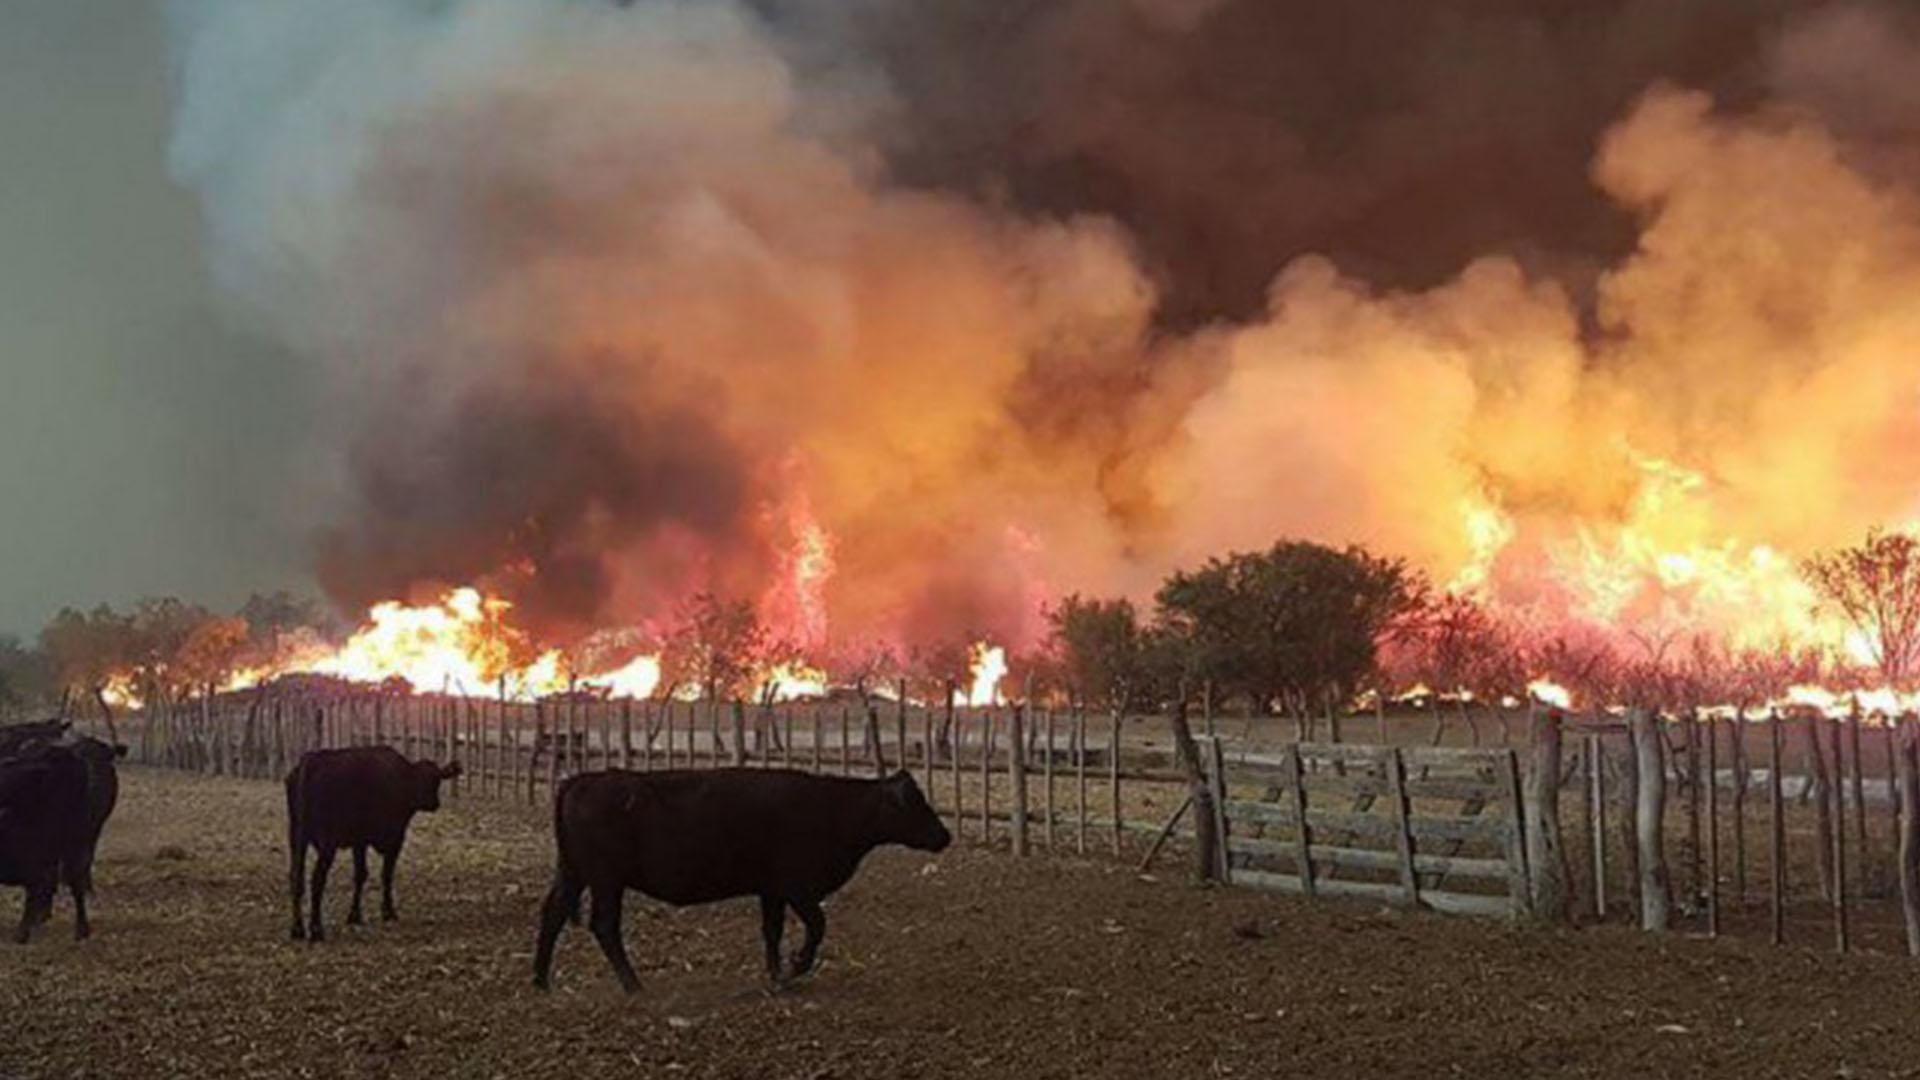 El Senasa facilitará el traslado de animales para la prevención de incendios